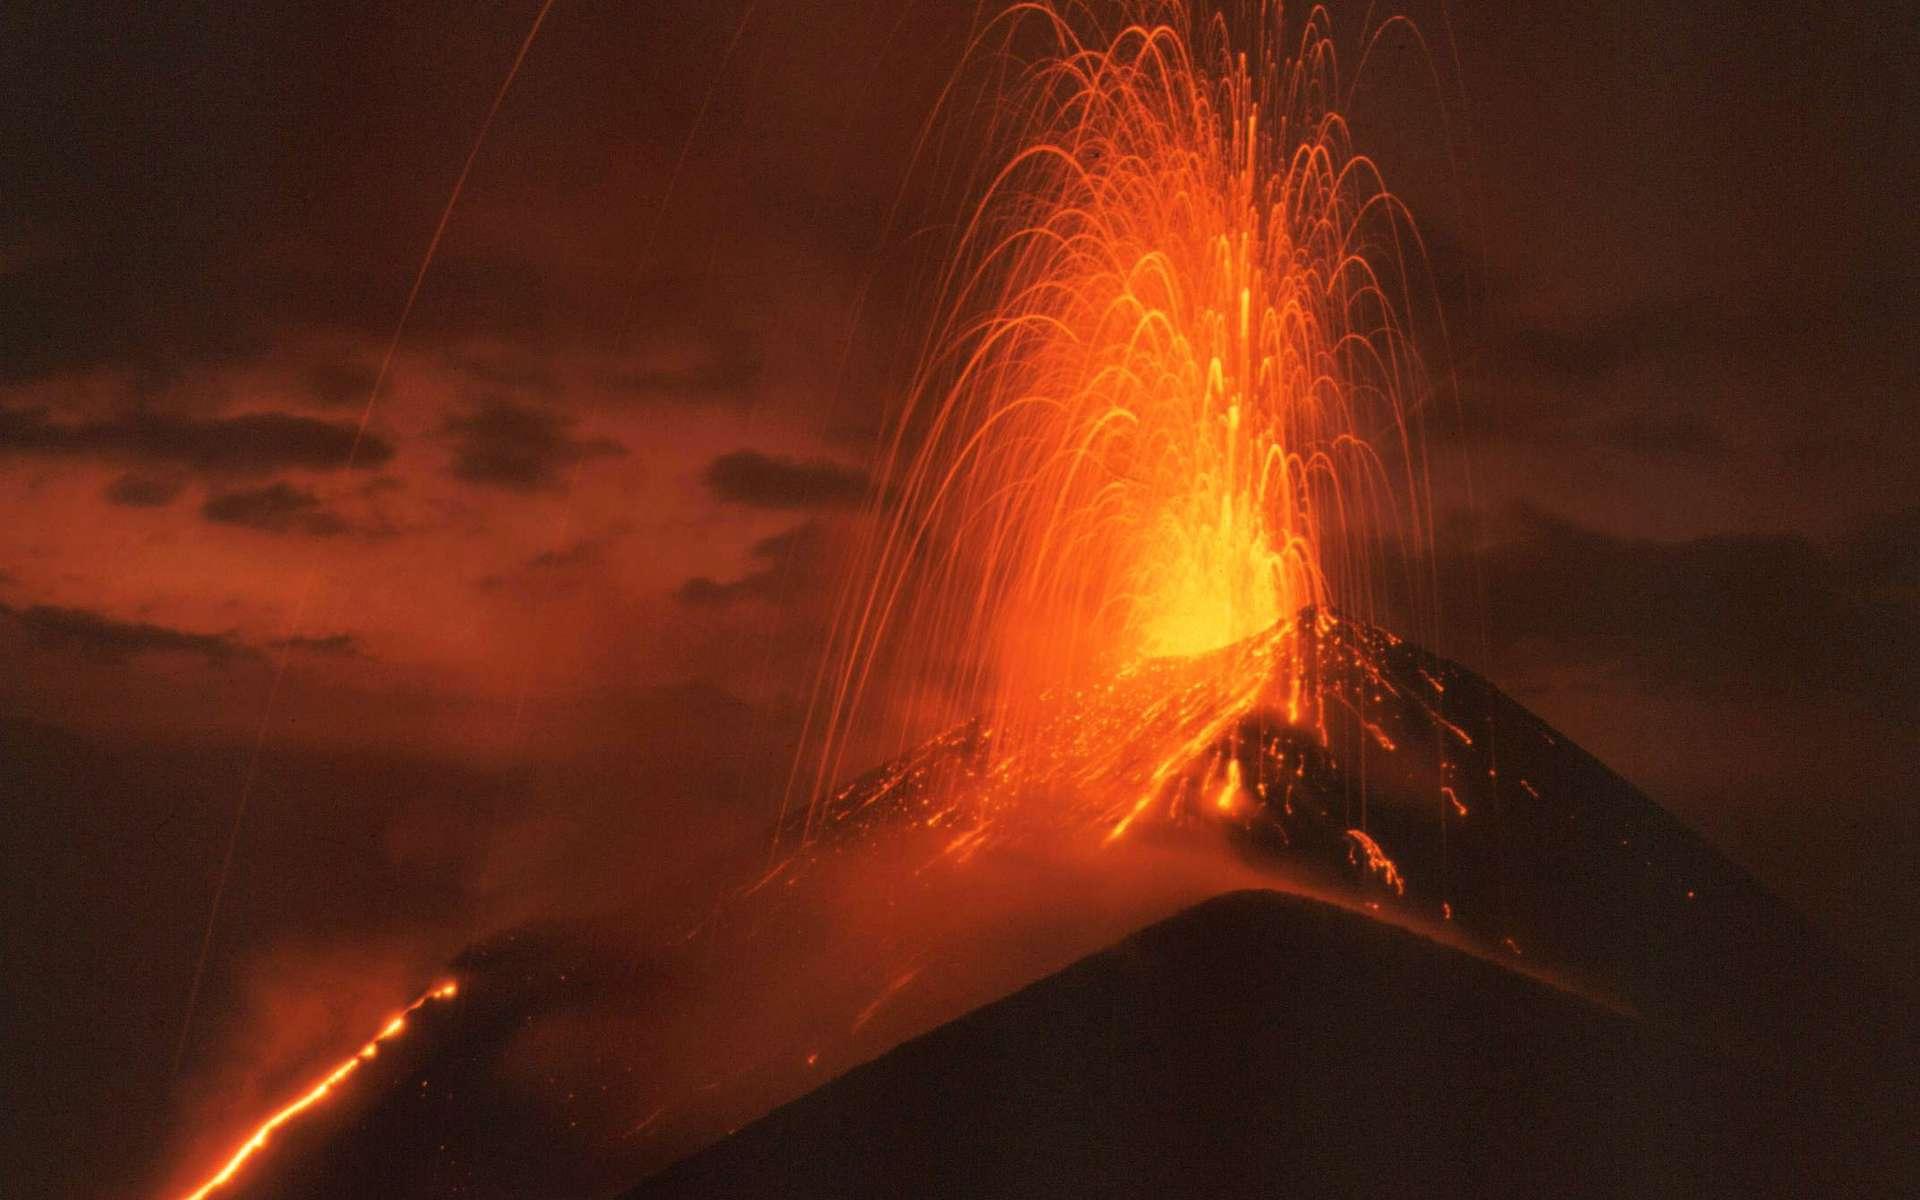 Vue nocturne d'une fontaine et d'une coulée de lave au sommet du Pacaya en 1992. C'est un volcan actif de 2.552 mètres d'altitude situé en périphérie de la ville d'Antigua, au Guatemala. Ses éruptions sont de type strombolienne. © Rolfcosar, Wikipédia, CC by-sa 2.5